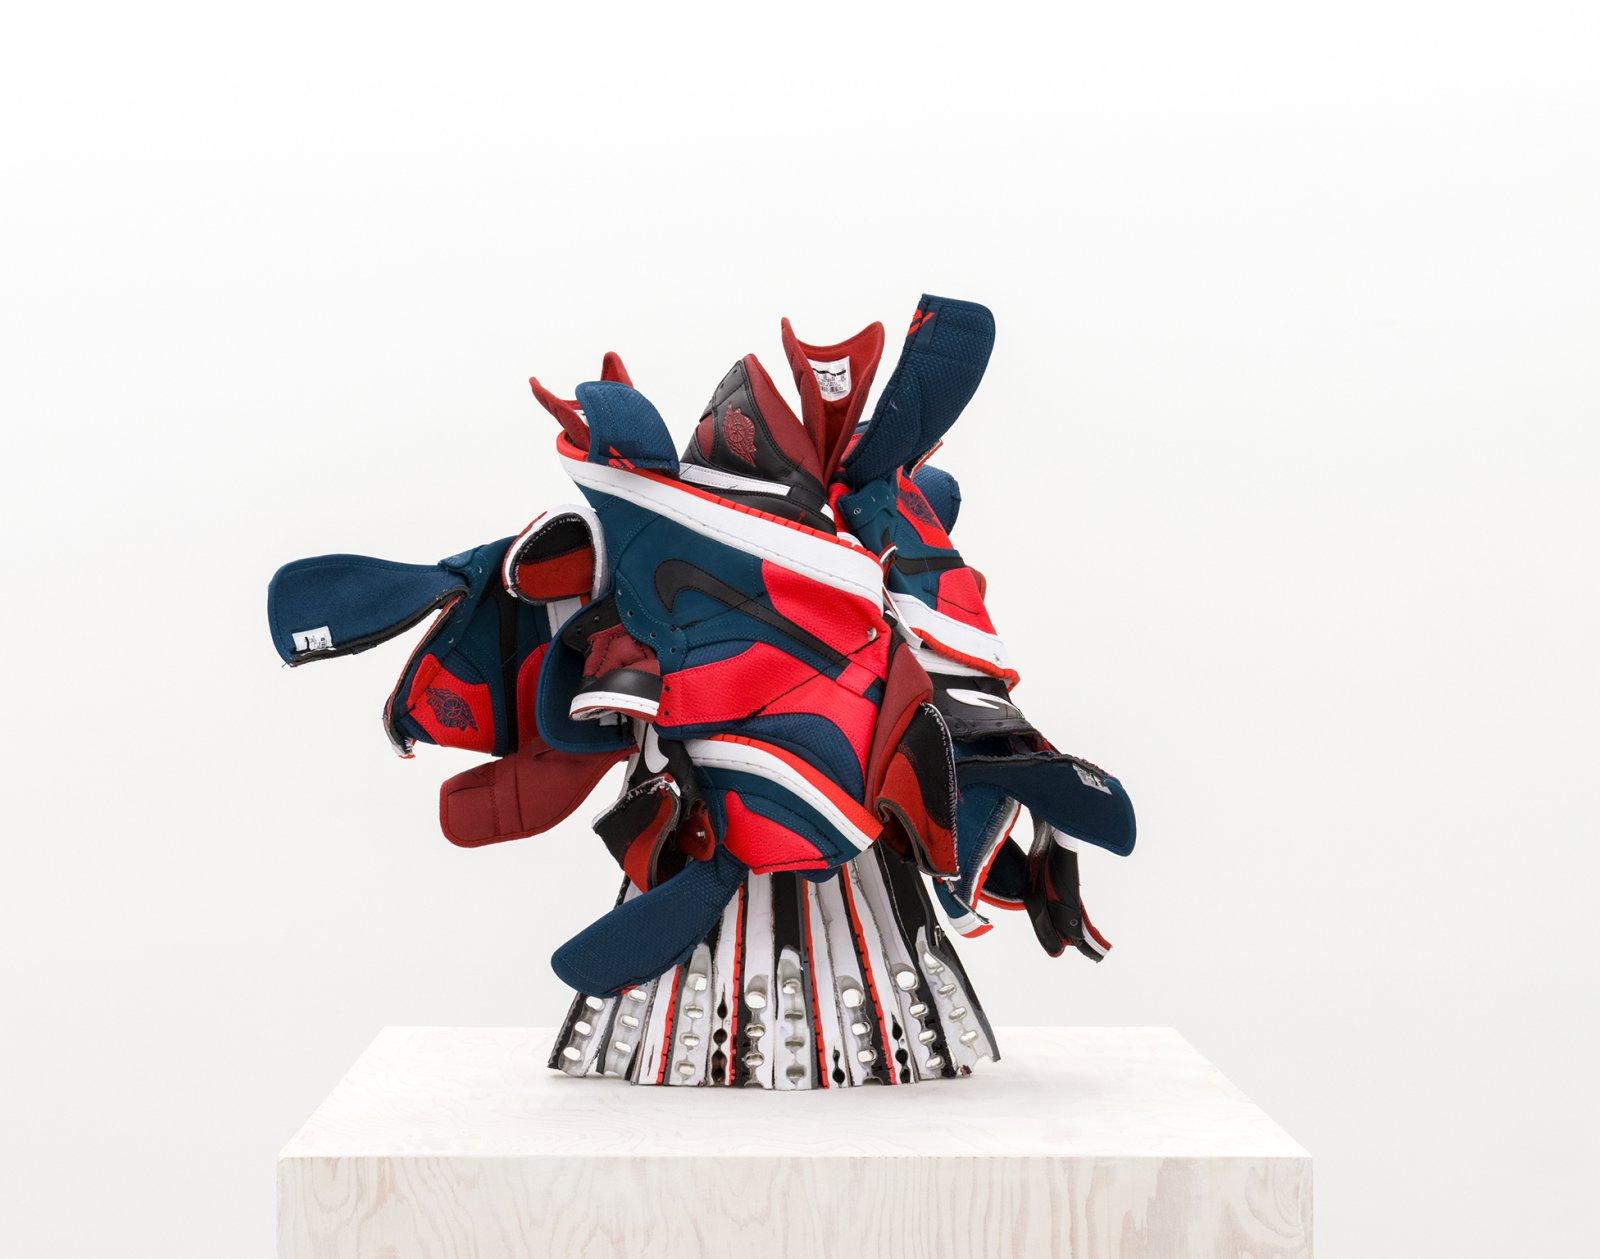 Brian Jungen, Broken Arrangement(detail), 2015–2016, nike air jordans, painted fir plywood, stainless steel, 75 x 20 x 20 in. (191 x 50 x 50 cm)